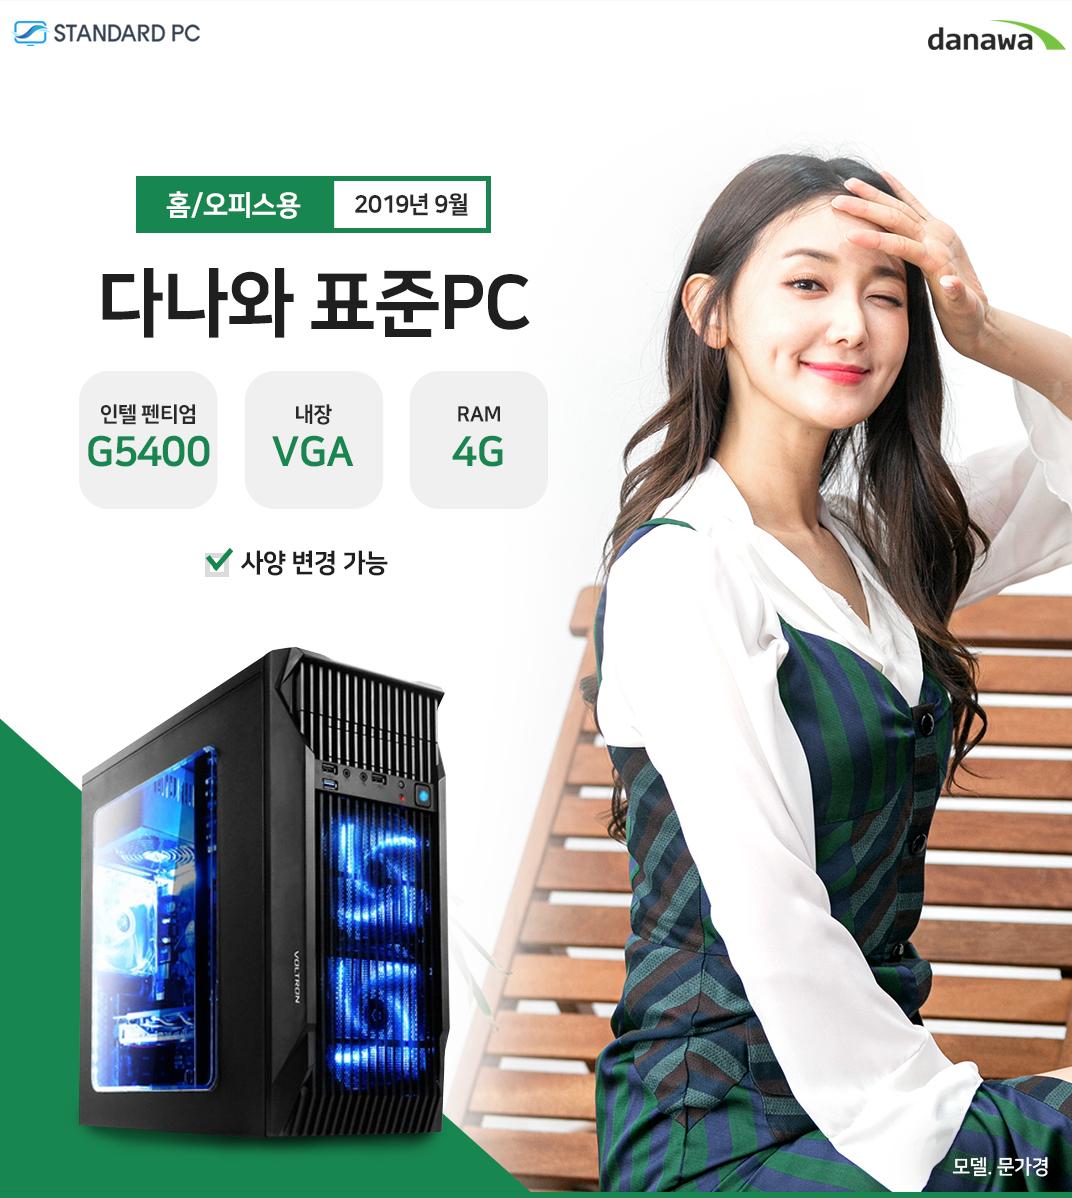 2019년 9월 다나와 표준PC 홈/오피스용 인텔 펜티엄 골드 G5400 내장 VGA RAM 4G 모델 문가경